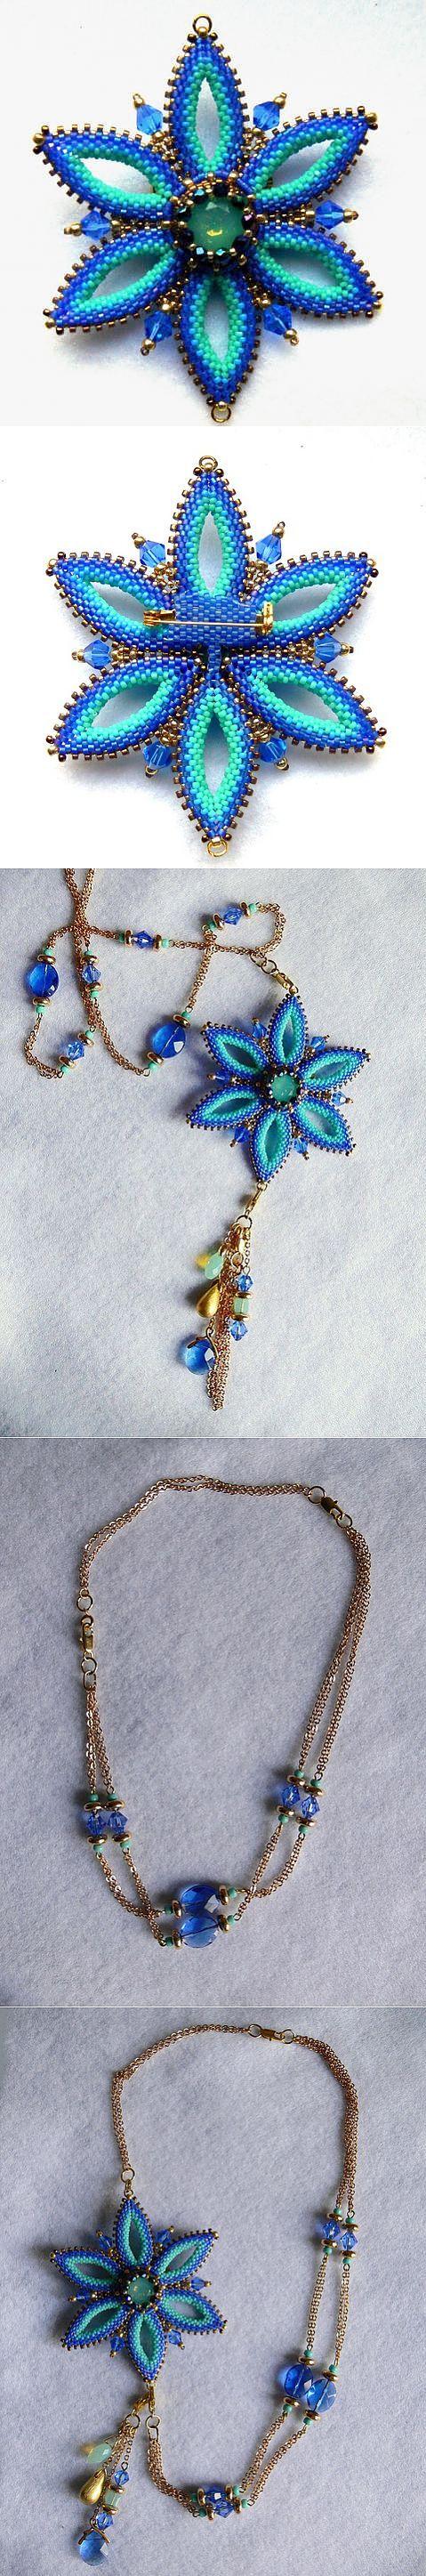 Синяя звезда: украшение-трансформер | biser.info - всё о бисере и бисерном творчестве